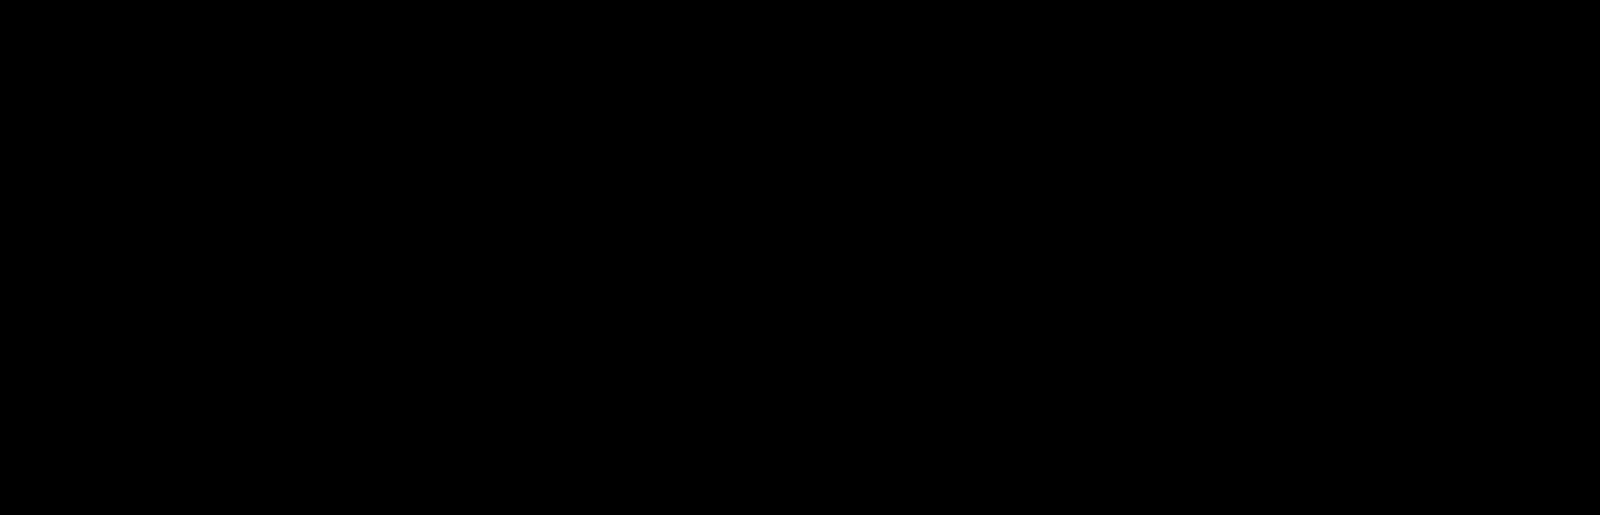 1,2dibromocyclohexane